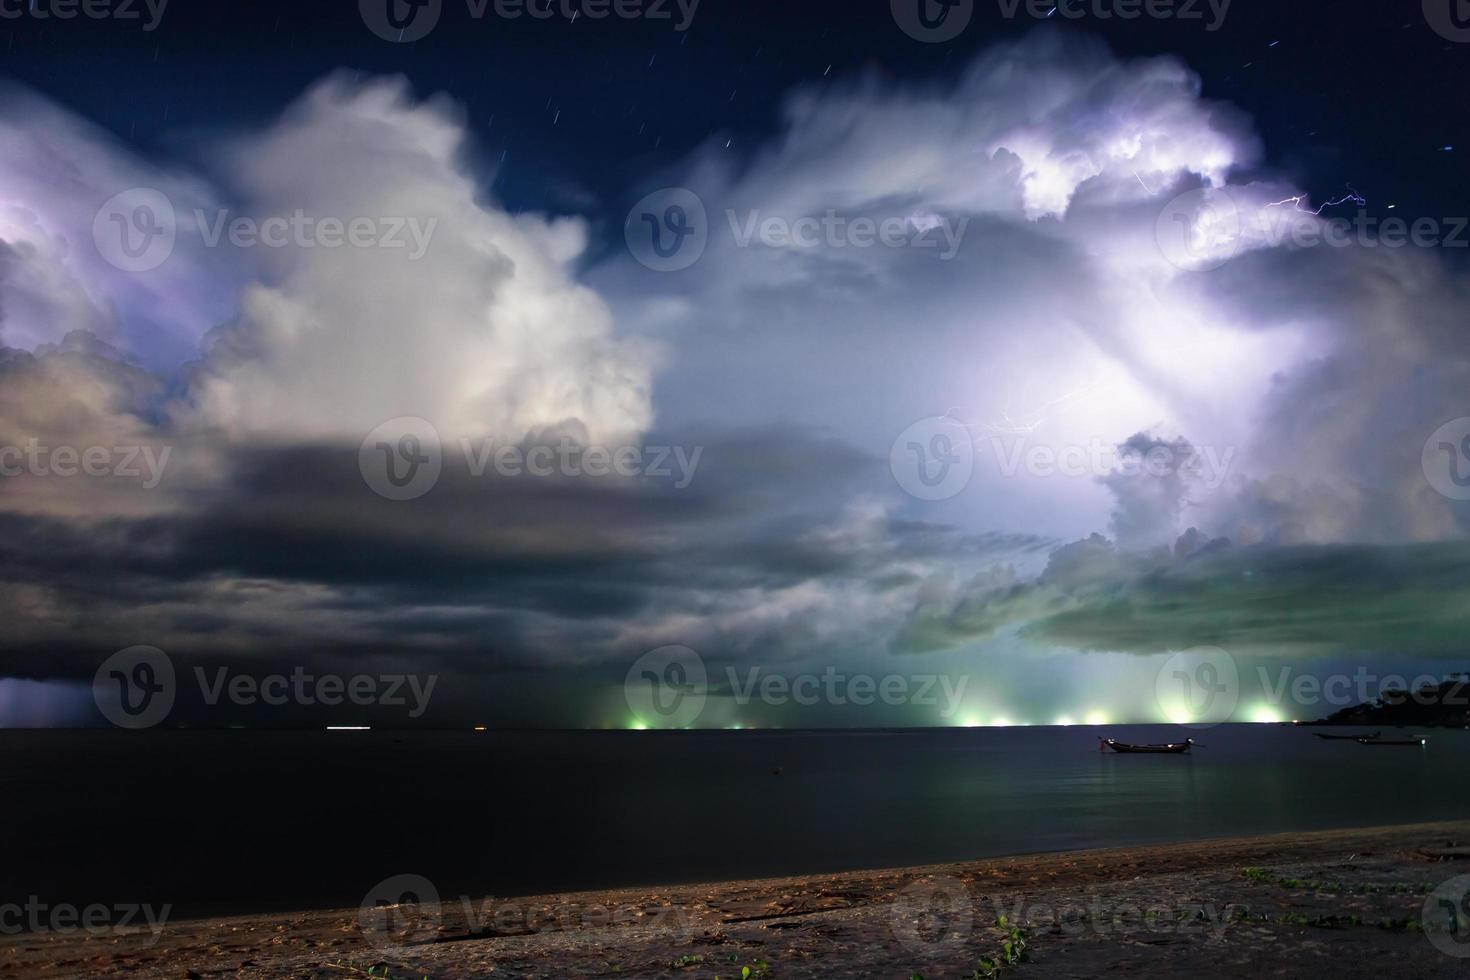 fulmine sul mare. Tailandia foto